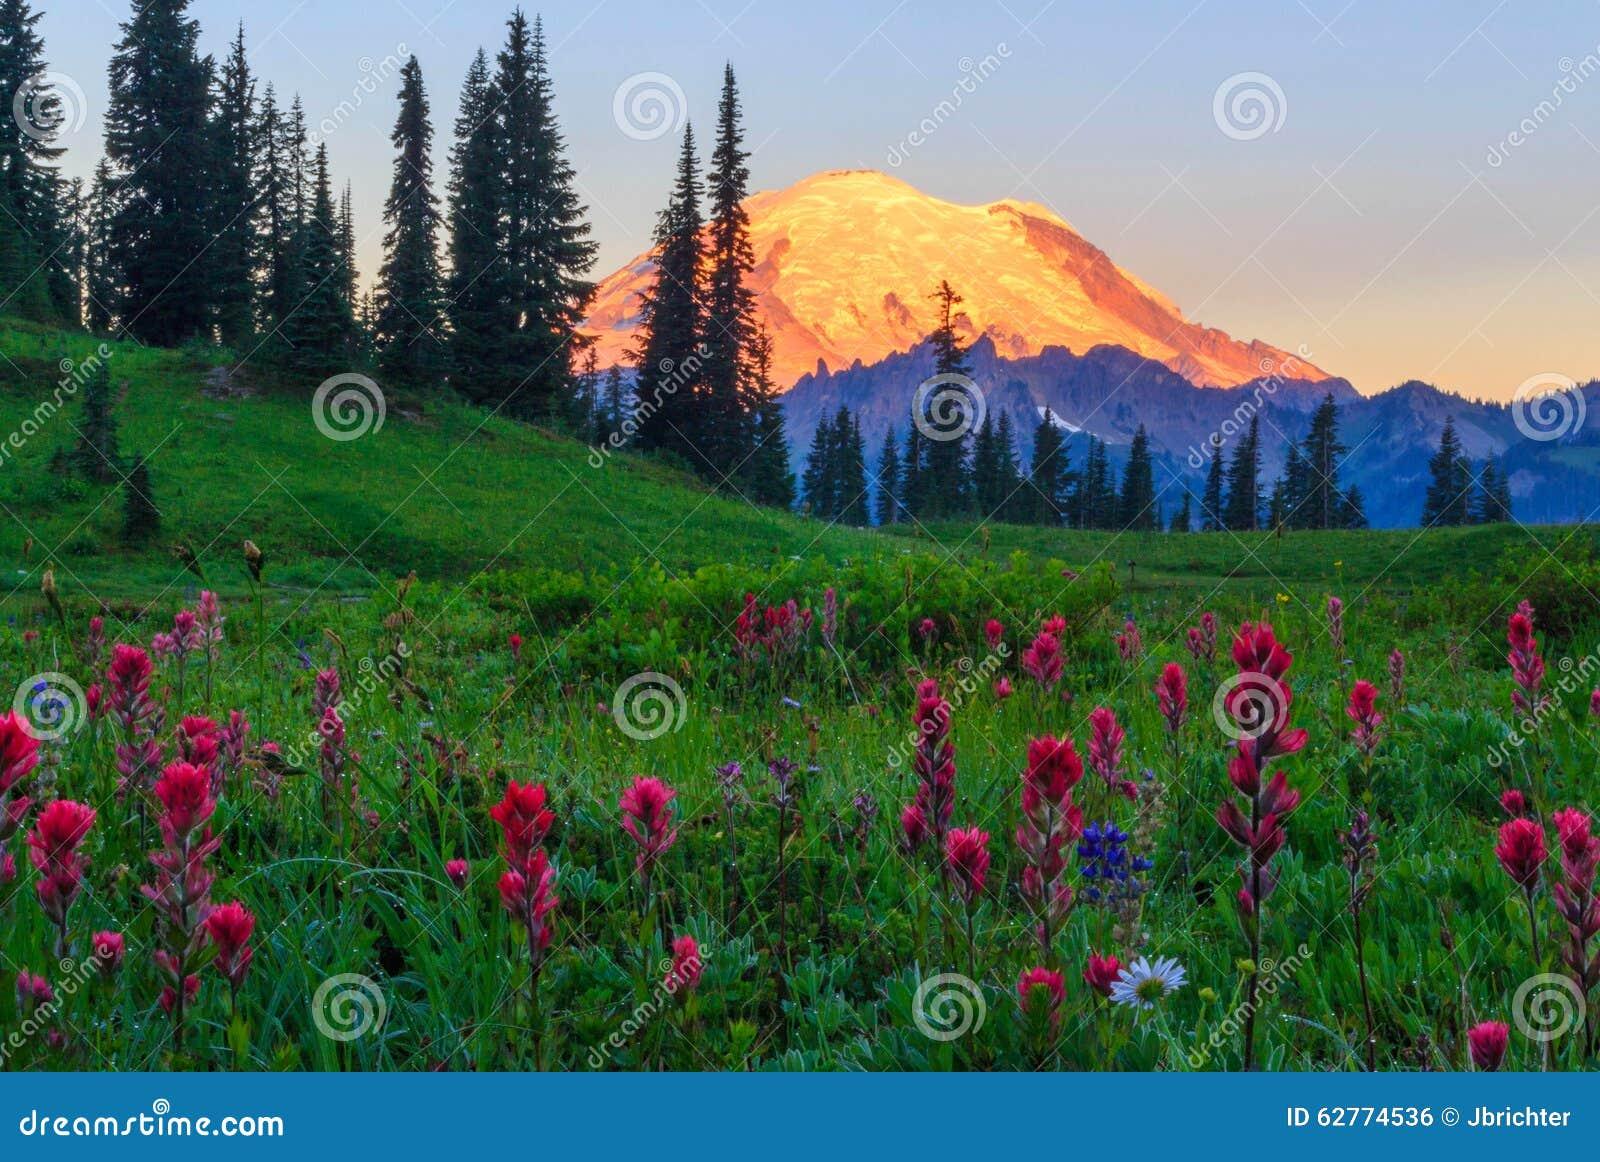 MT Regenachtiger, Washington State